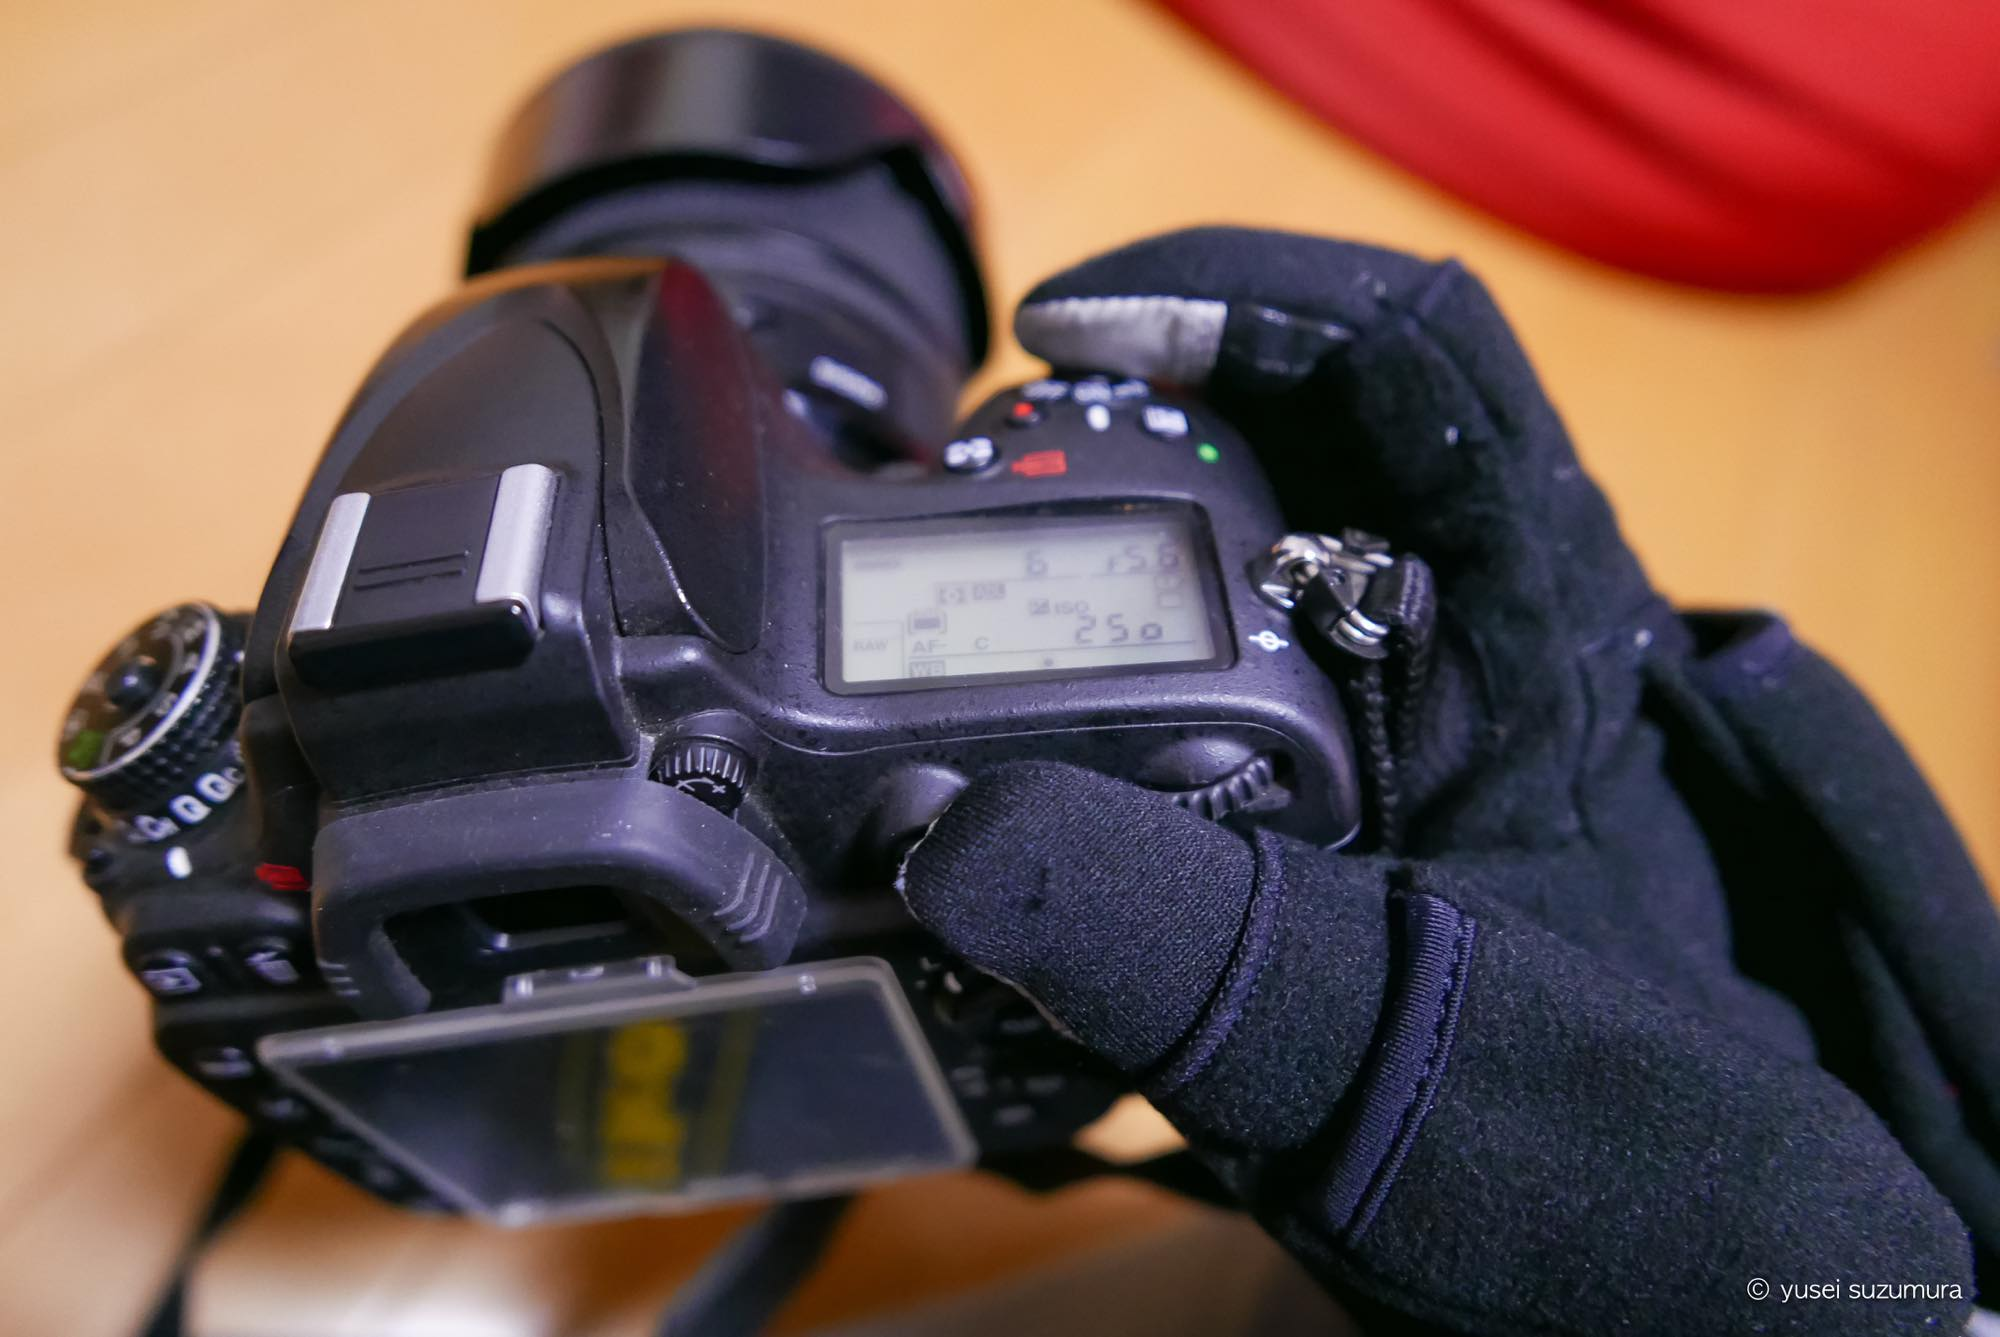 冬のカメラ手袋にMATIN社のカメラグローブと薄手のインナー手袋を合わせてみた。